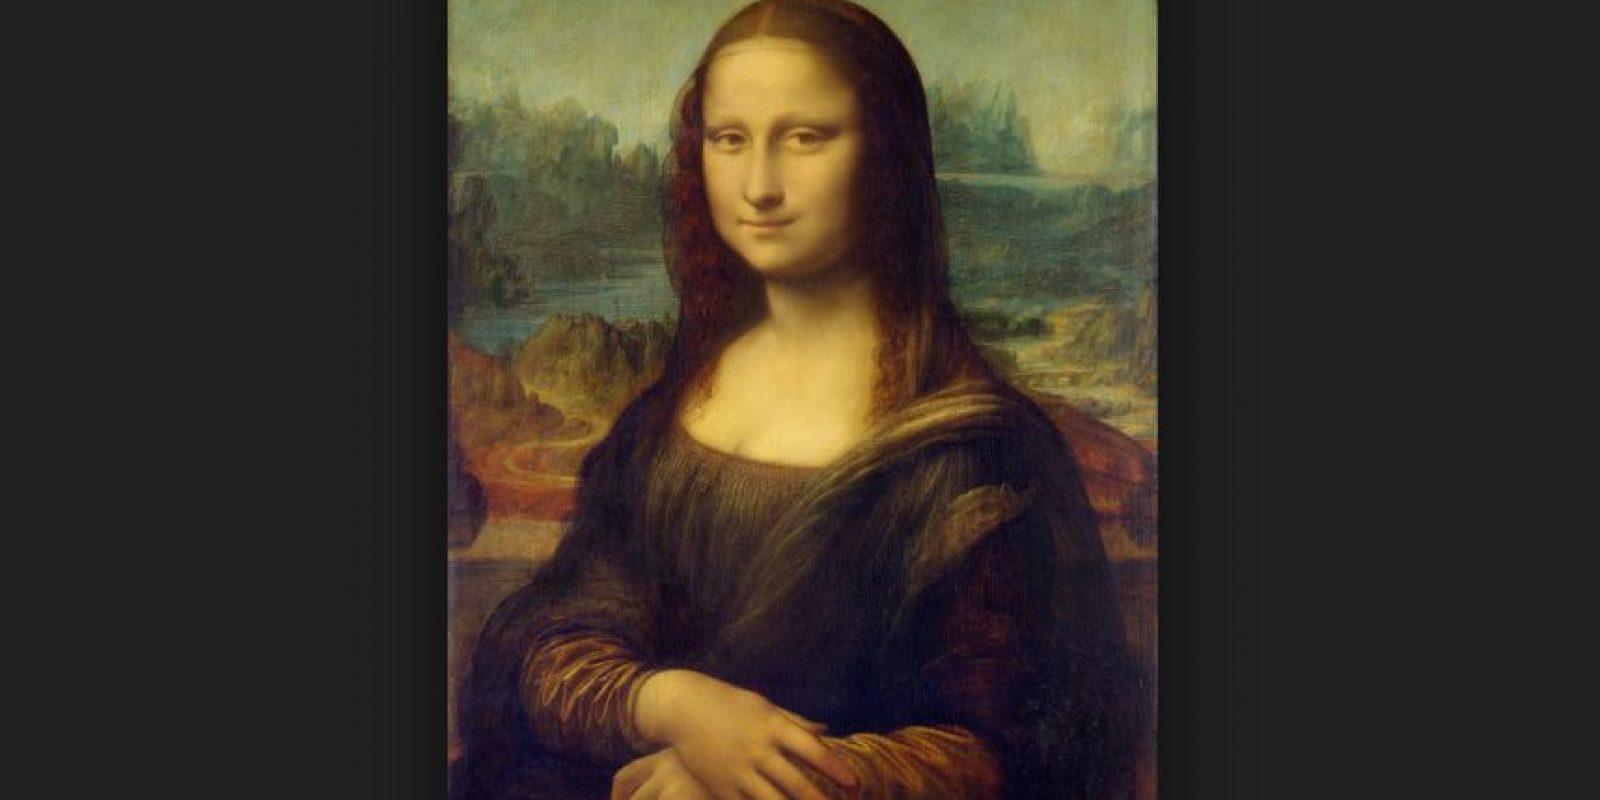 La Gioconda: también conocida como La Mona Lisa, es una obra pictórica del pintor renacentista italiano Leonardo da Vinci. Se exhibe en el Museo del Louvre de París. Foto:Vía flickr.com